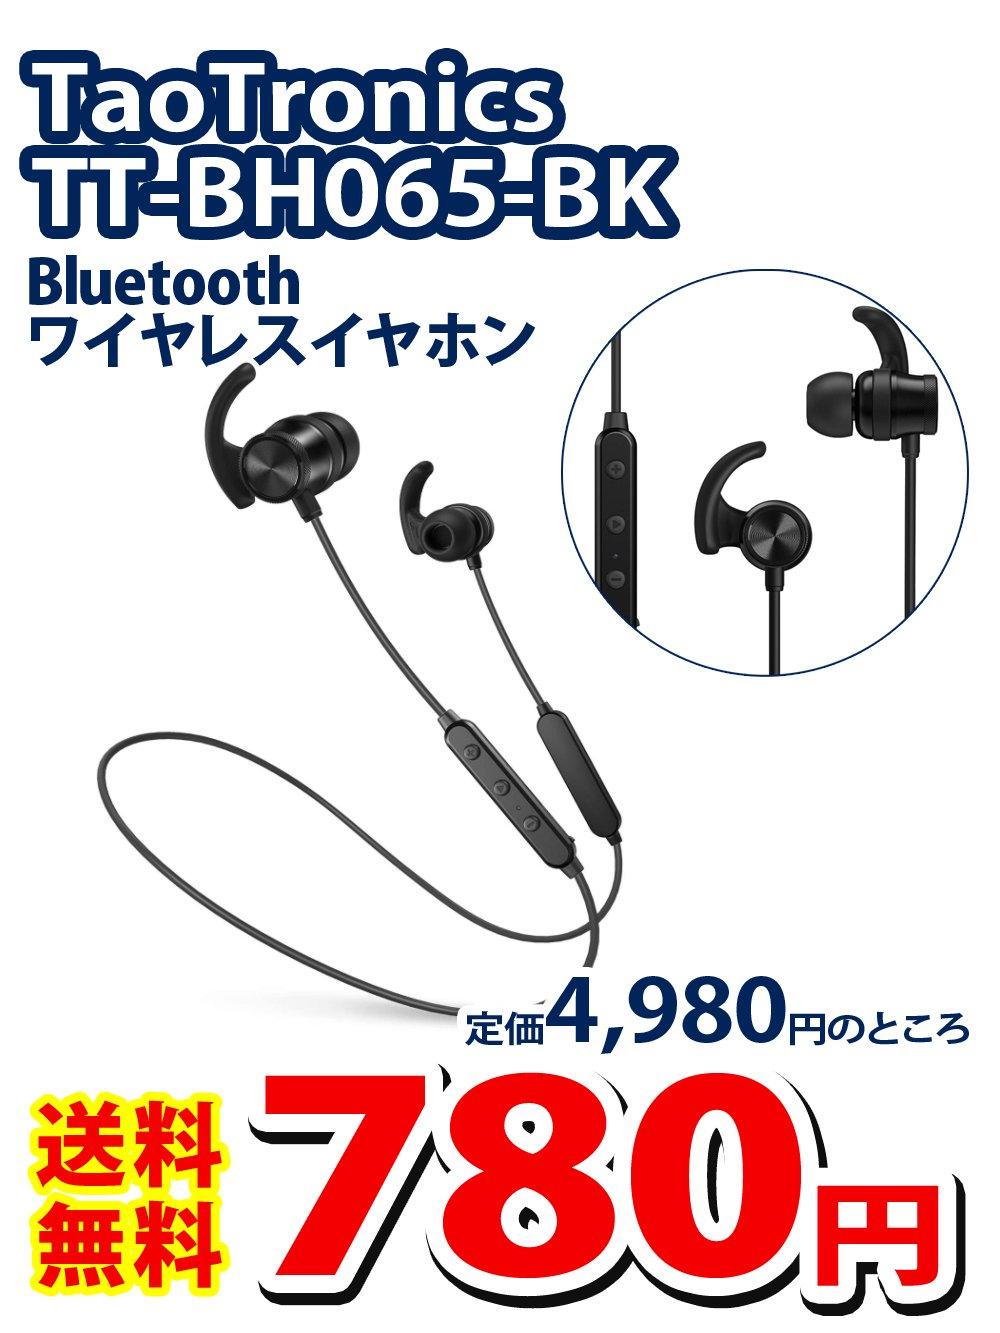 【送料無料】TT-BH065-BK Bluetooth ワイヤレスイヤフォン【780円】定価4,980